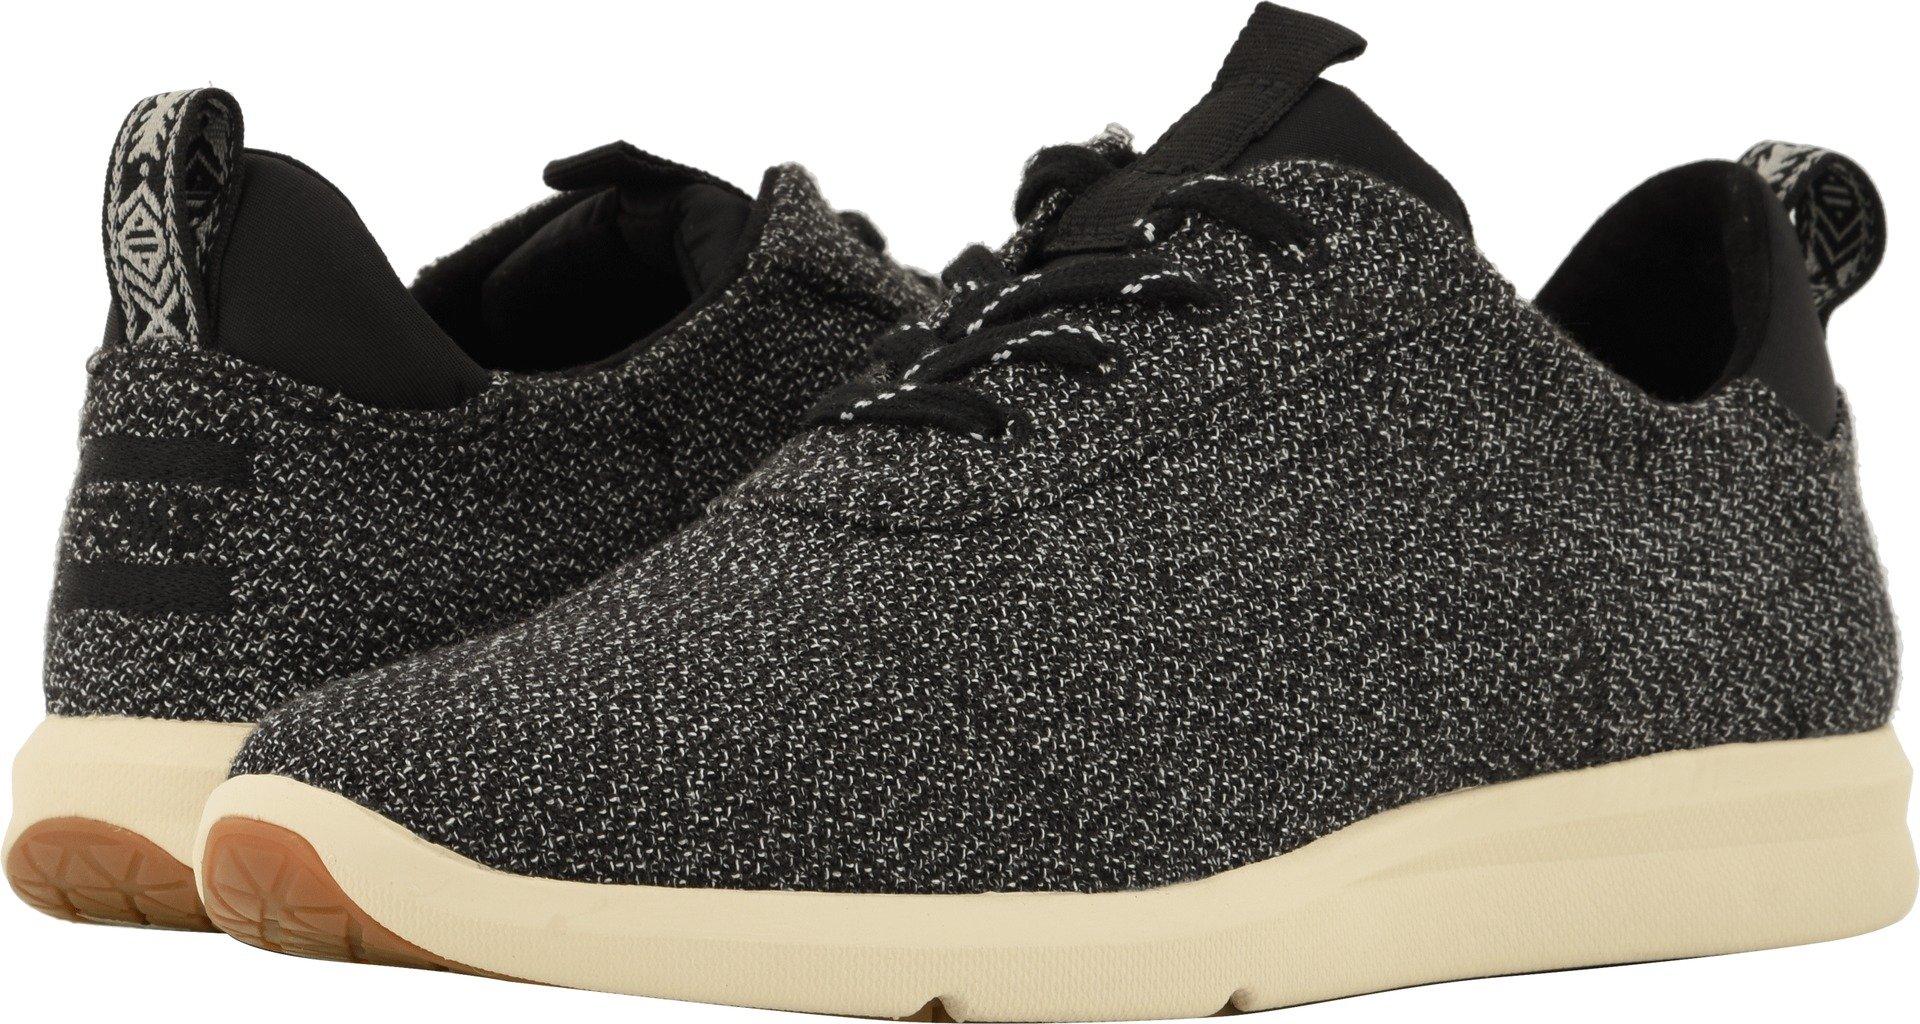 TOMS Women's Cabrillo Sneaker Black Terry Cloth 9.5 M